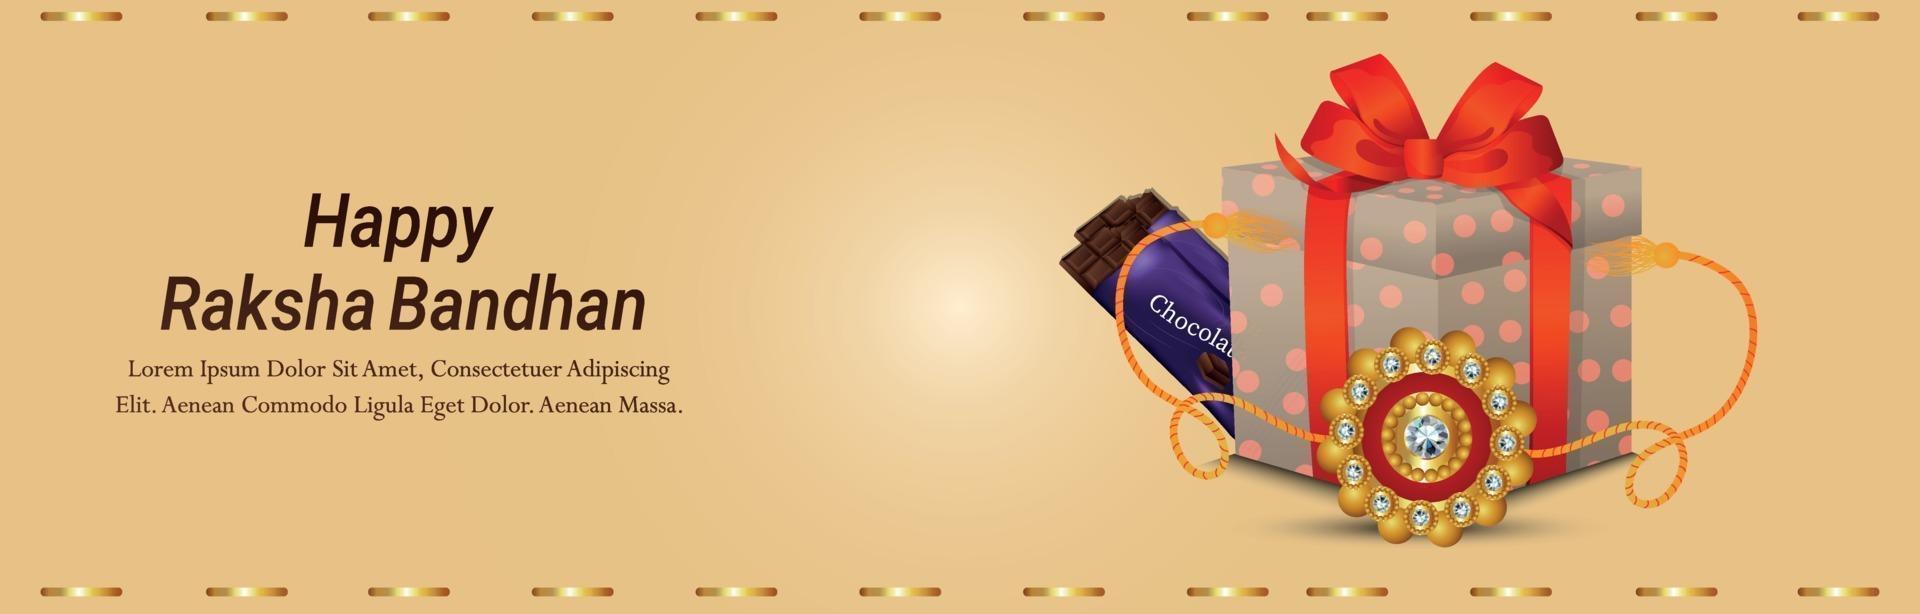 illustrazione vettoriale creativo di felice biglietto di auguri invito raksha bandhan